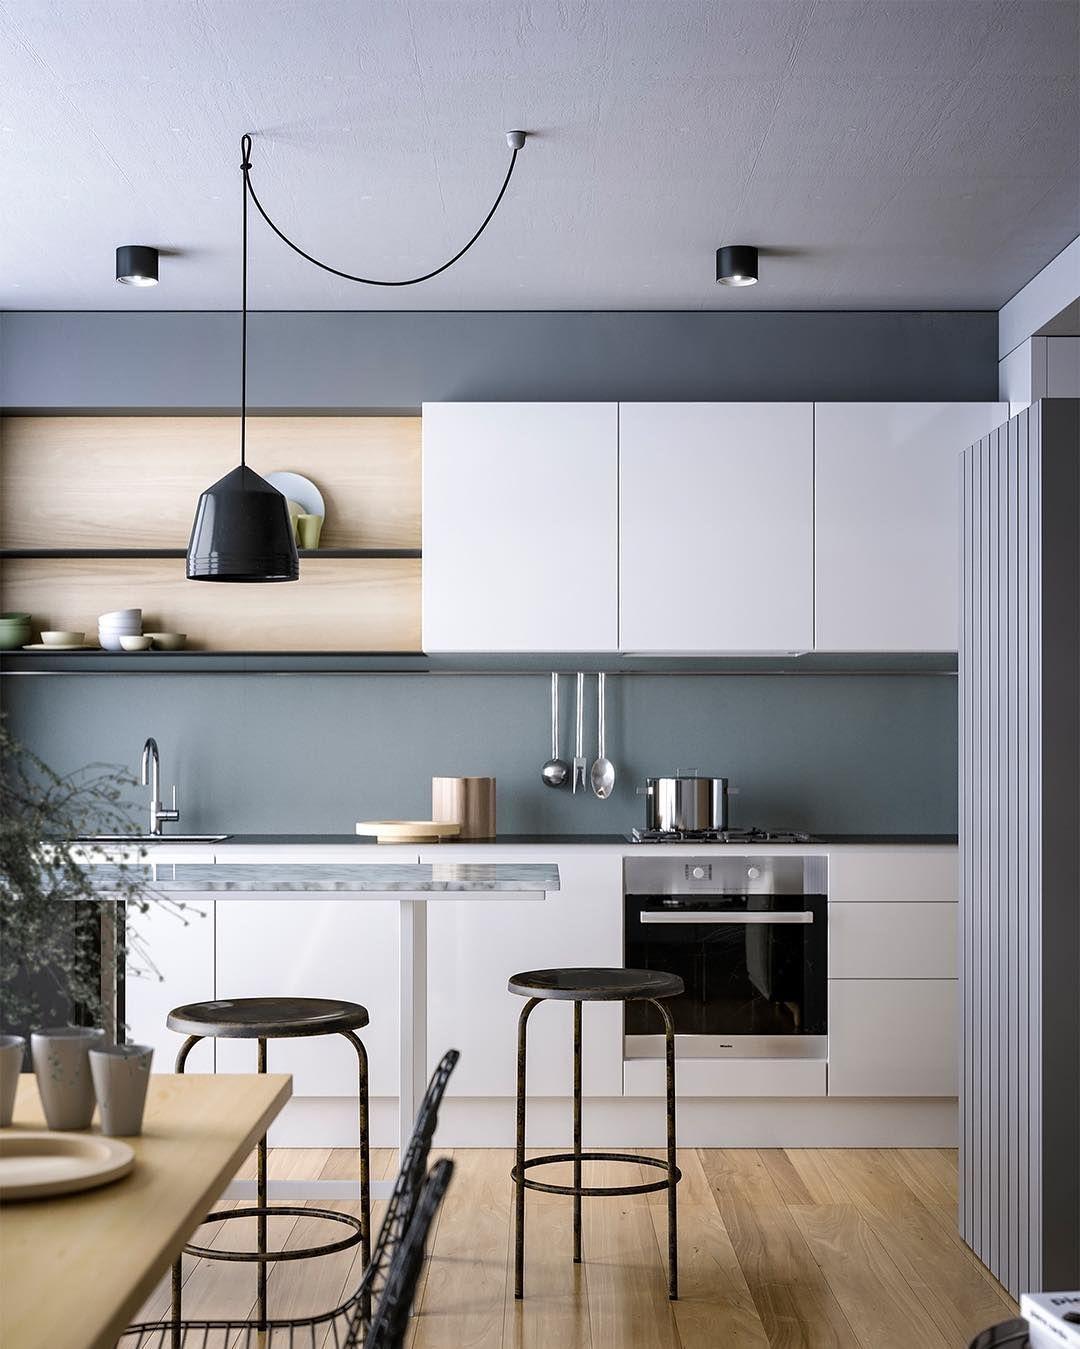 Super Farbe für die Küche   Wohnideen Küche   Pinterest   Die küche ...